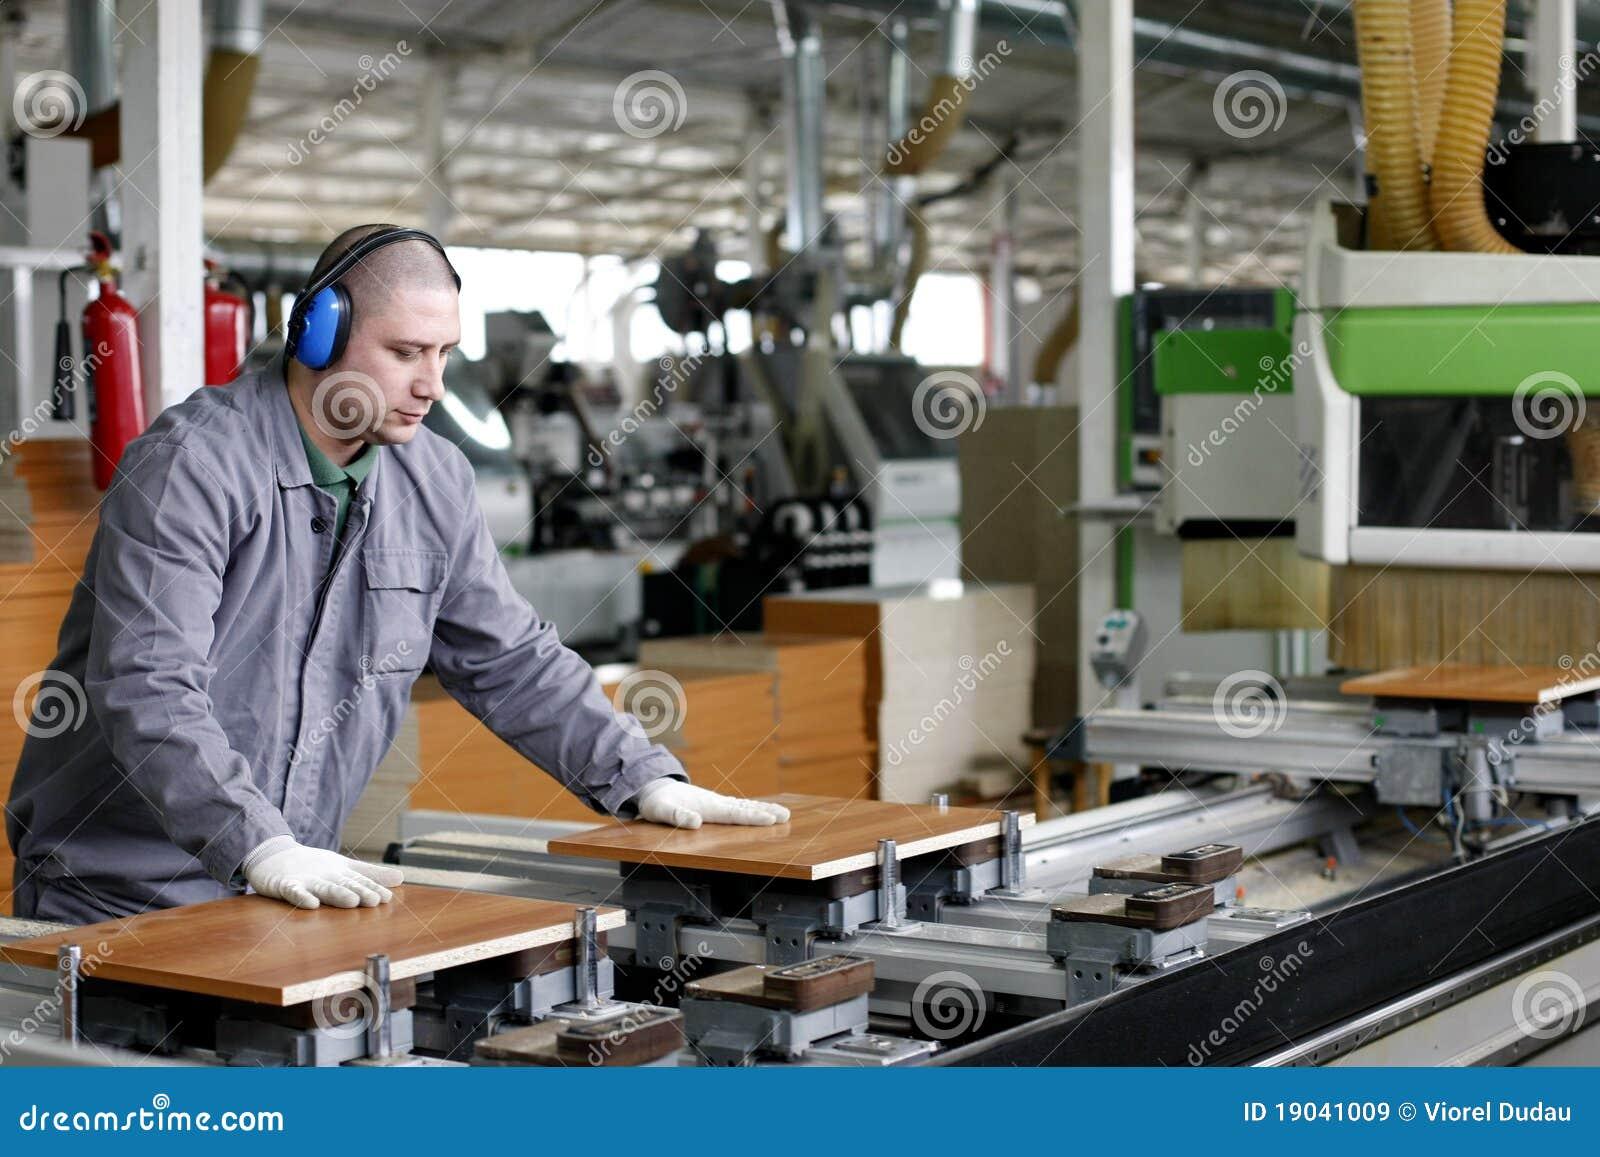 Trabajo industrial f brica de madera y de los muebles - Fabrica de muebles en madera ...